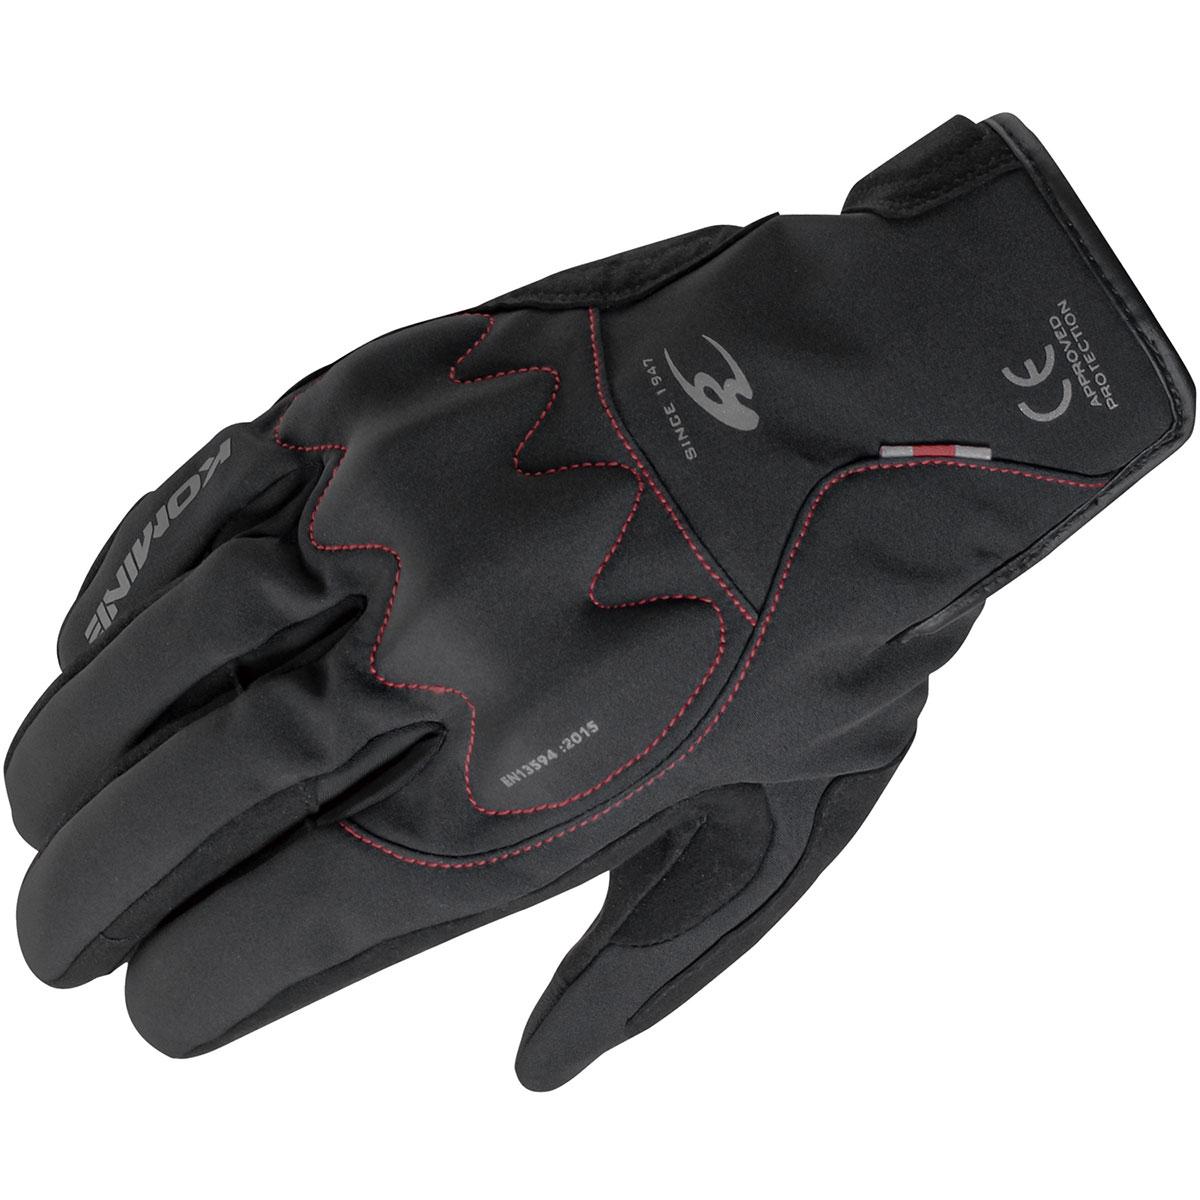 バイクウェア・プロテクター, グローブ  (Komine) Gloves GK-829 AIR GEL 3XL 06-829BKRD3XL